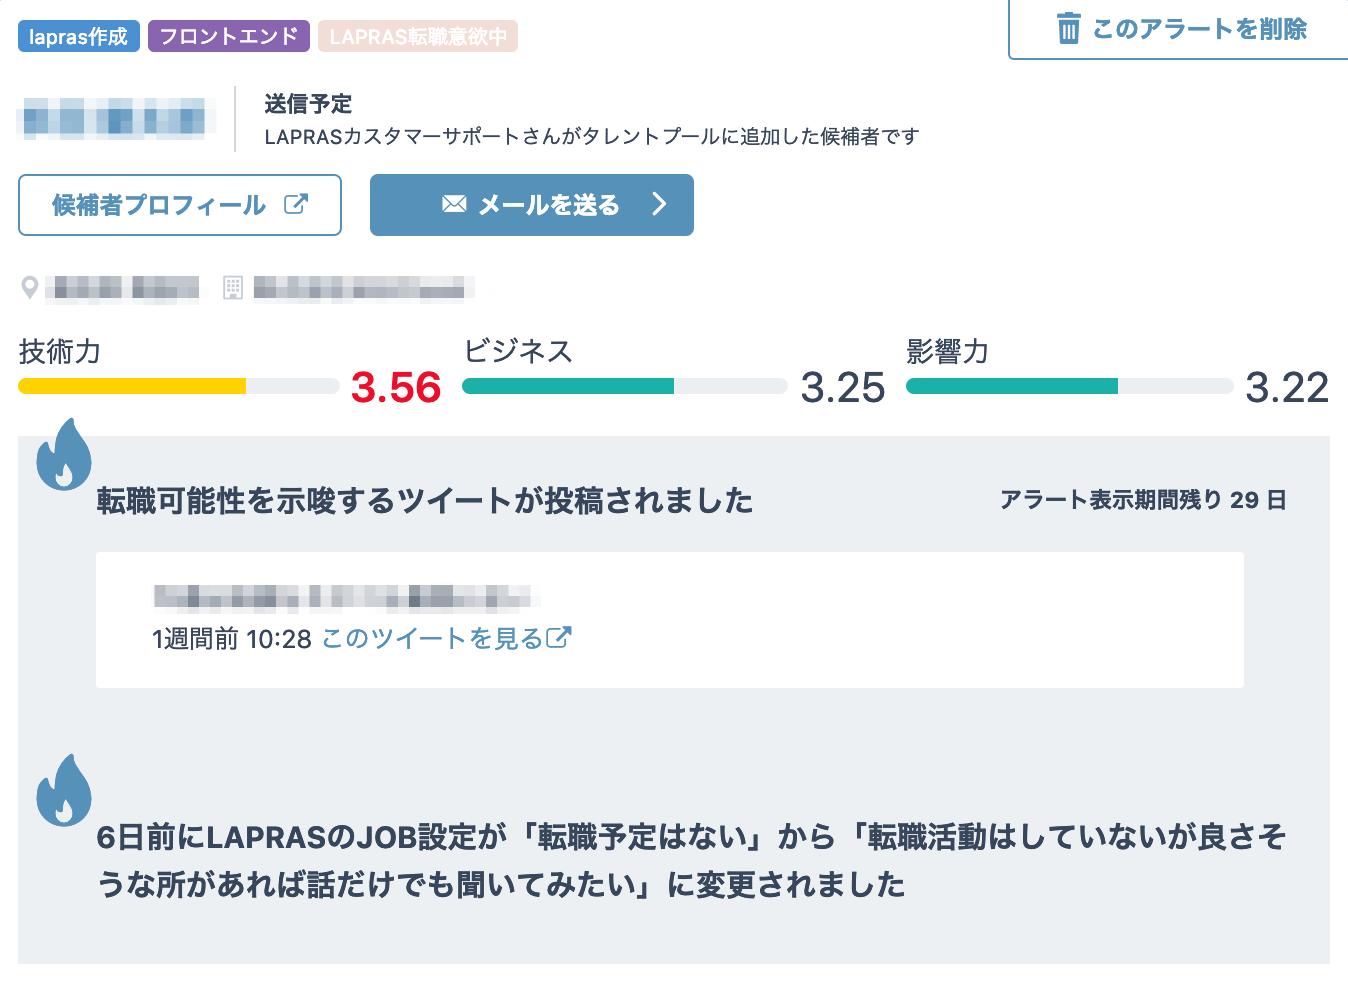 スクリーンショット_2019-04-16_15_00_00